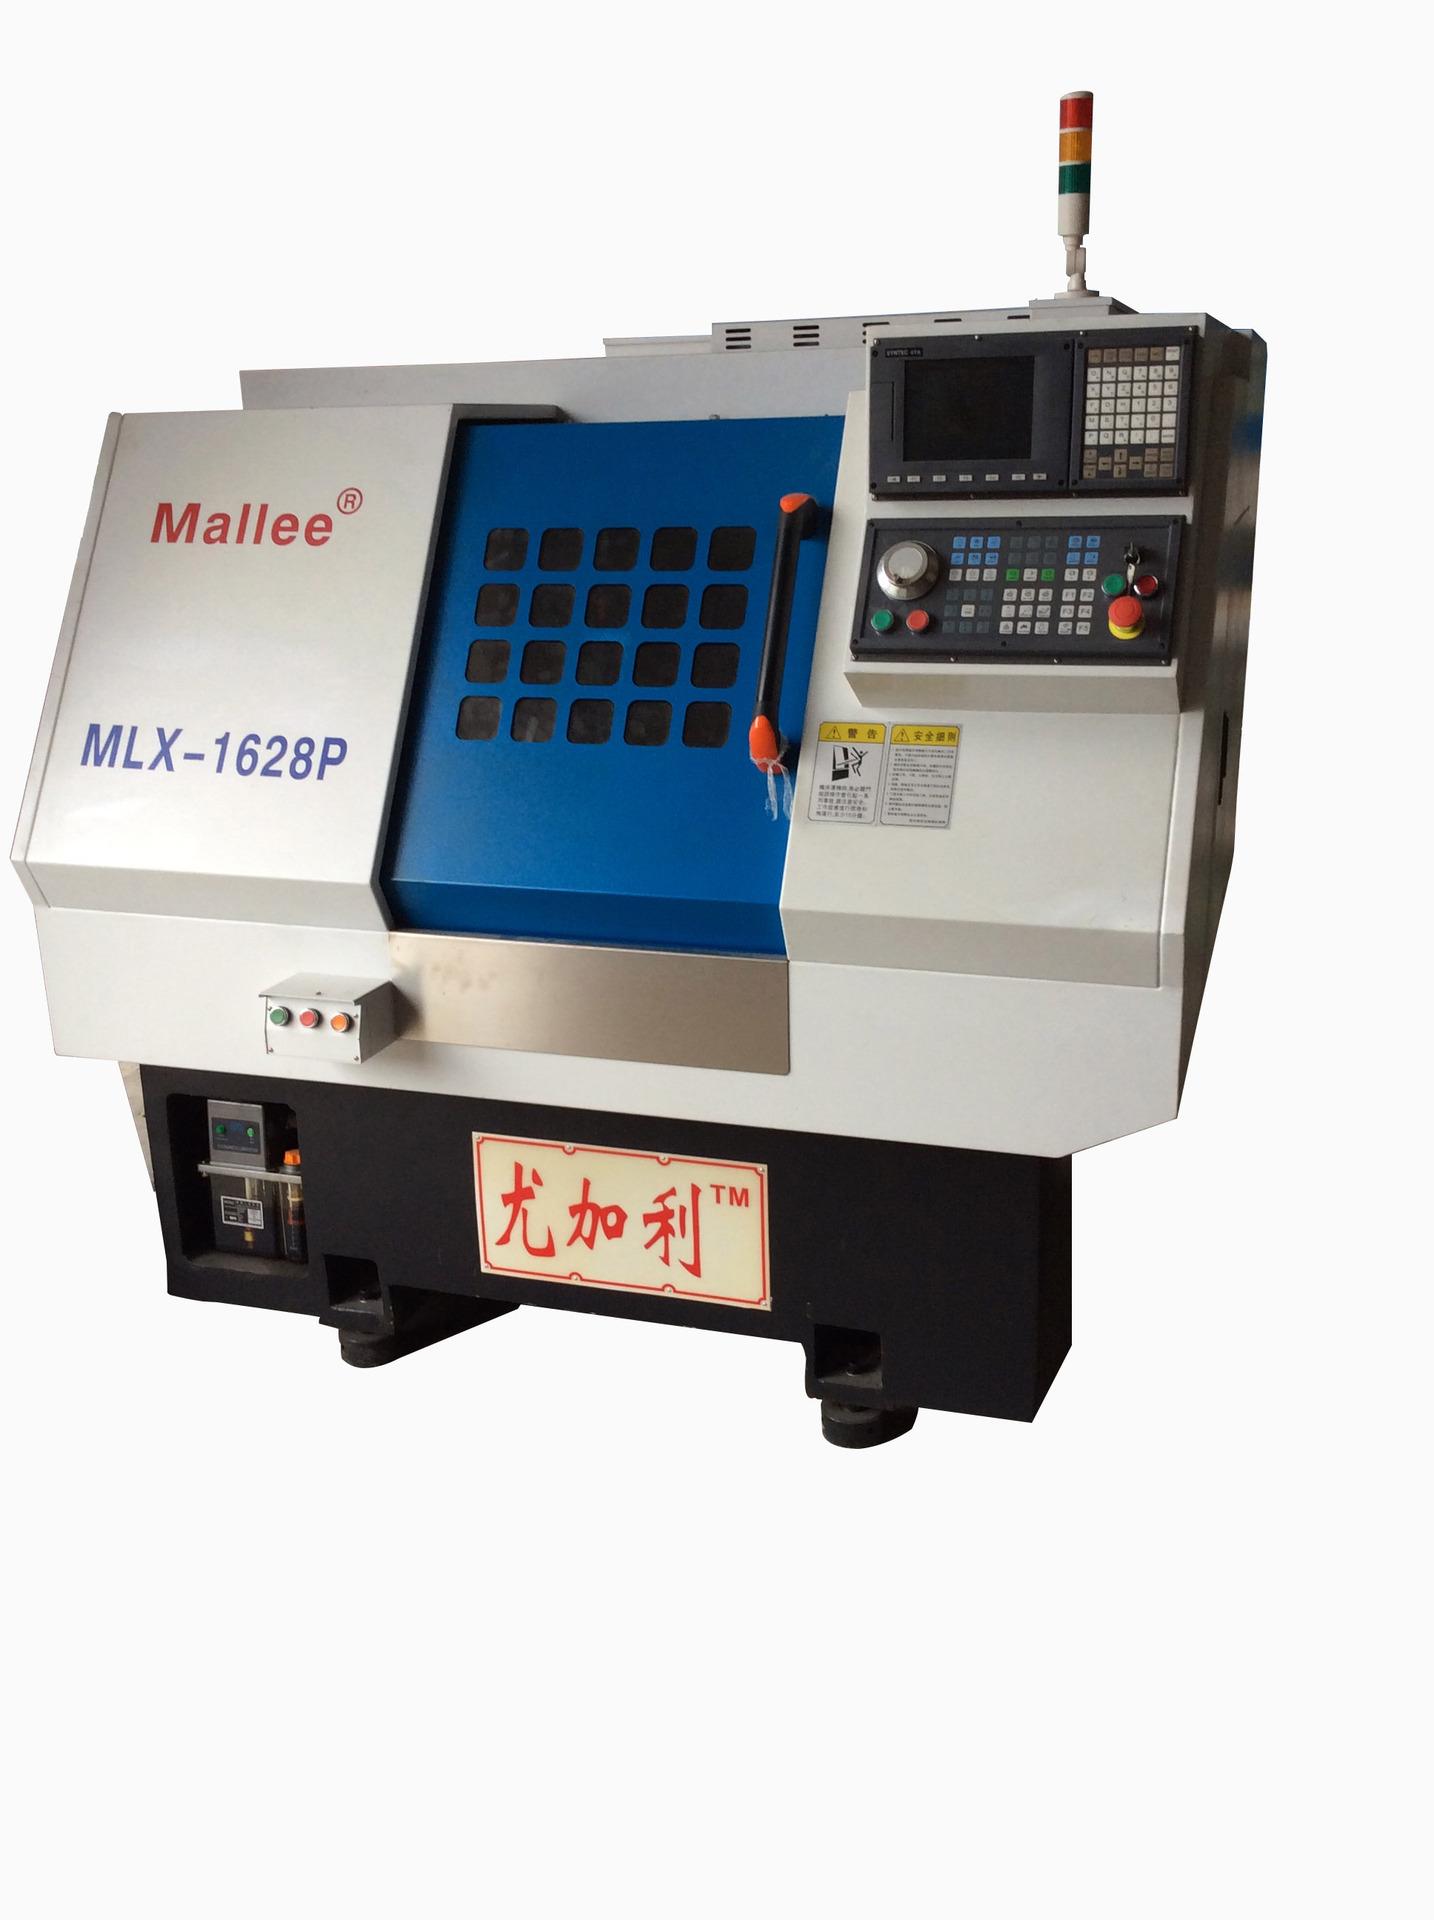 尤加利数控车床MLX-1628P